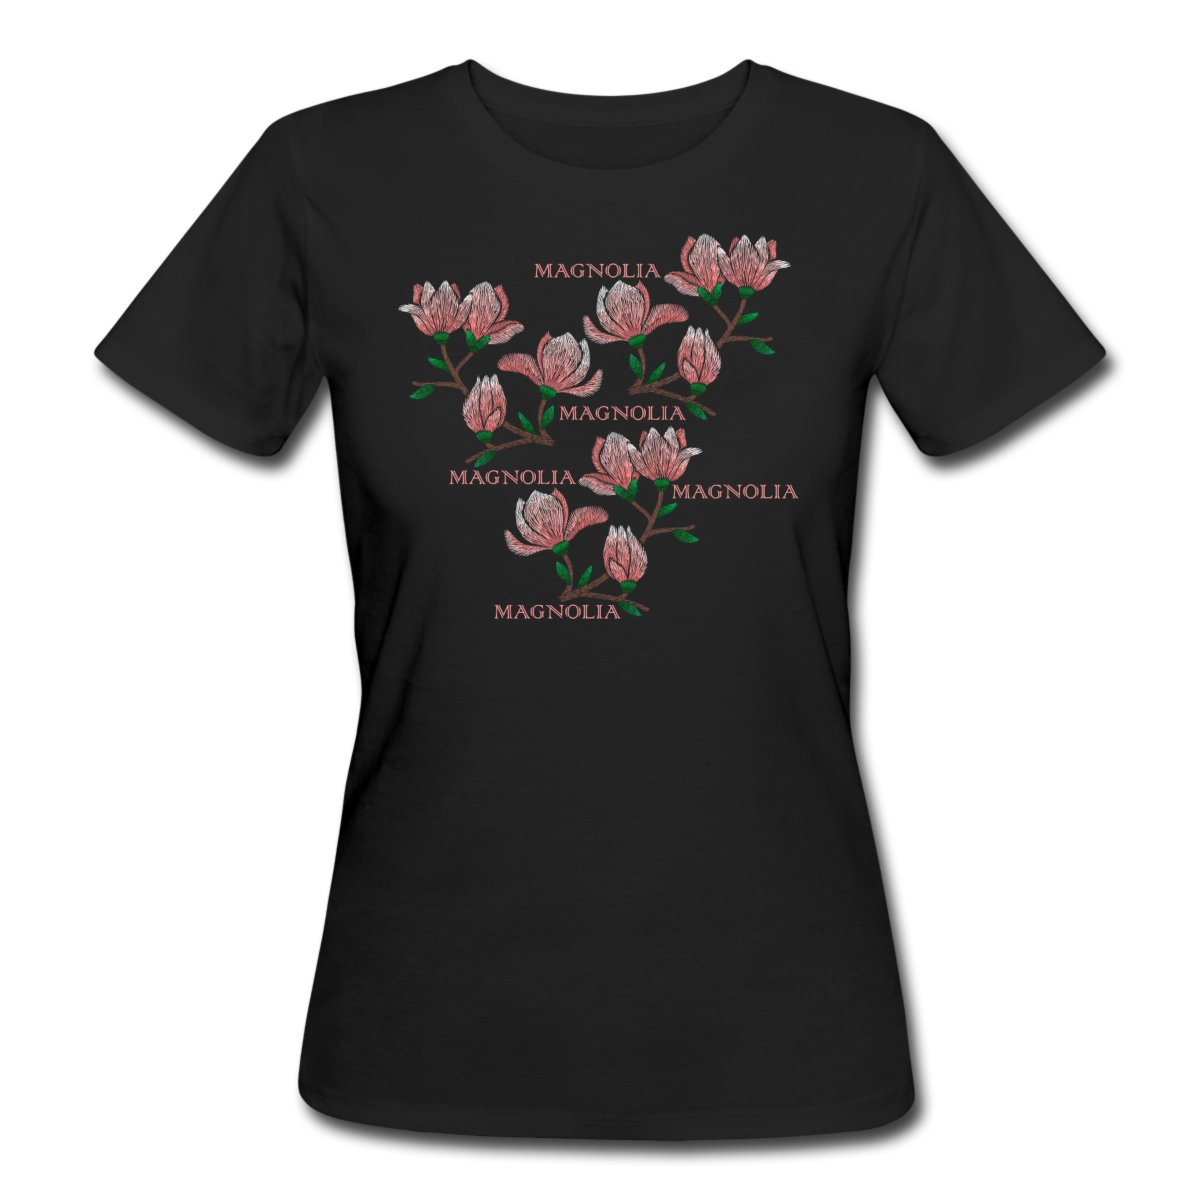 magnolia-ekologisk-t-shirt-dam-s.jpg